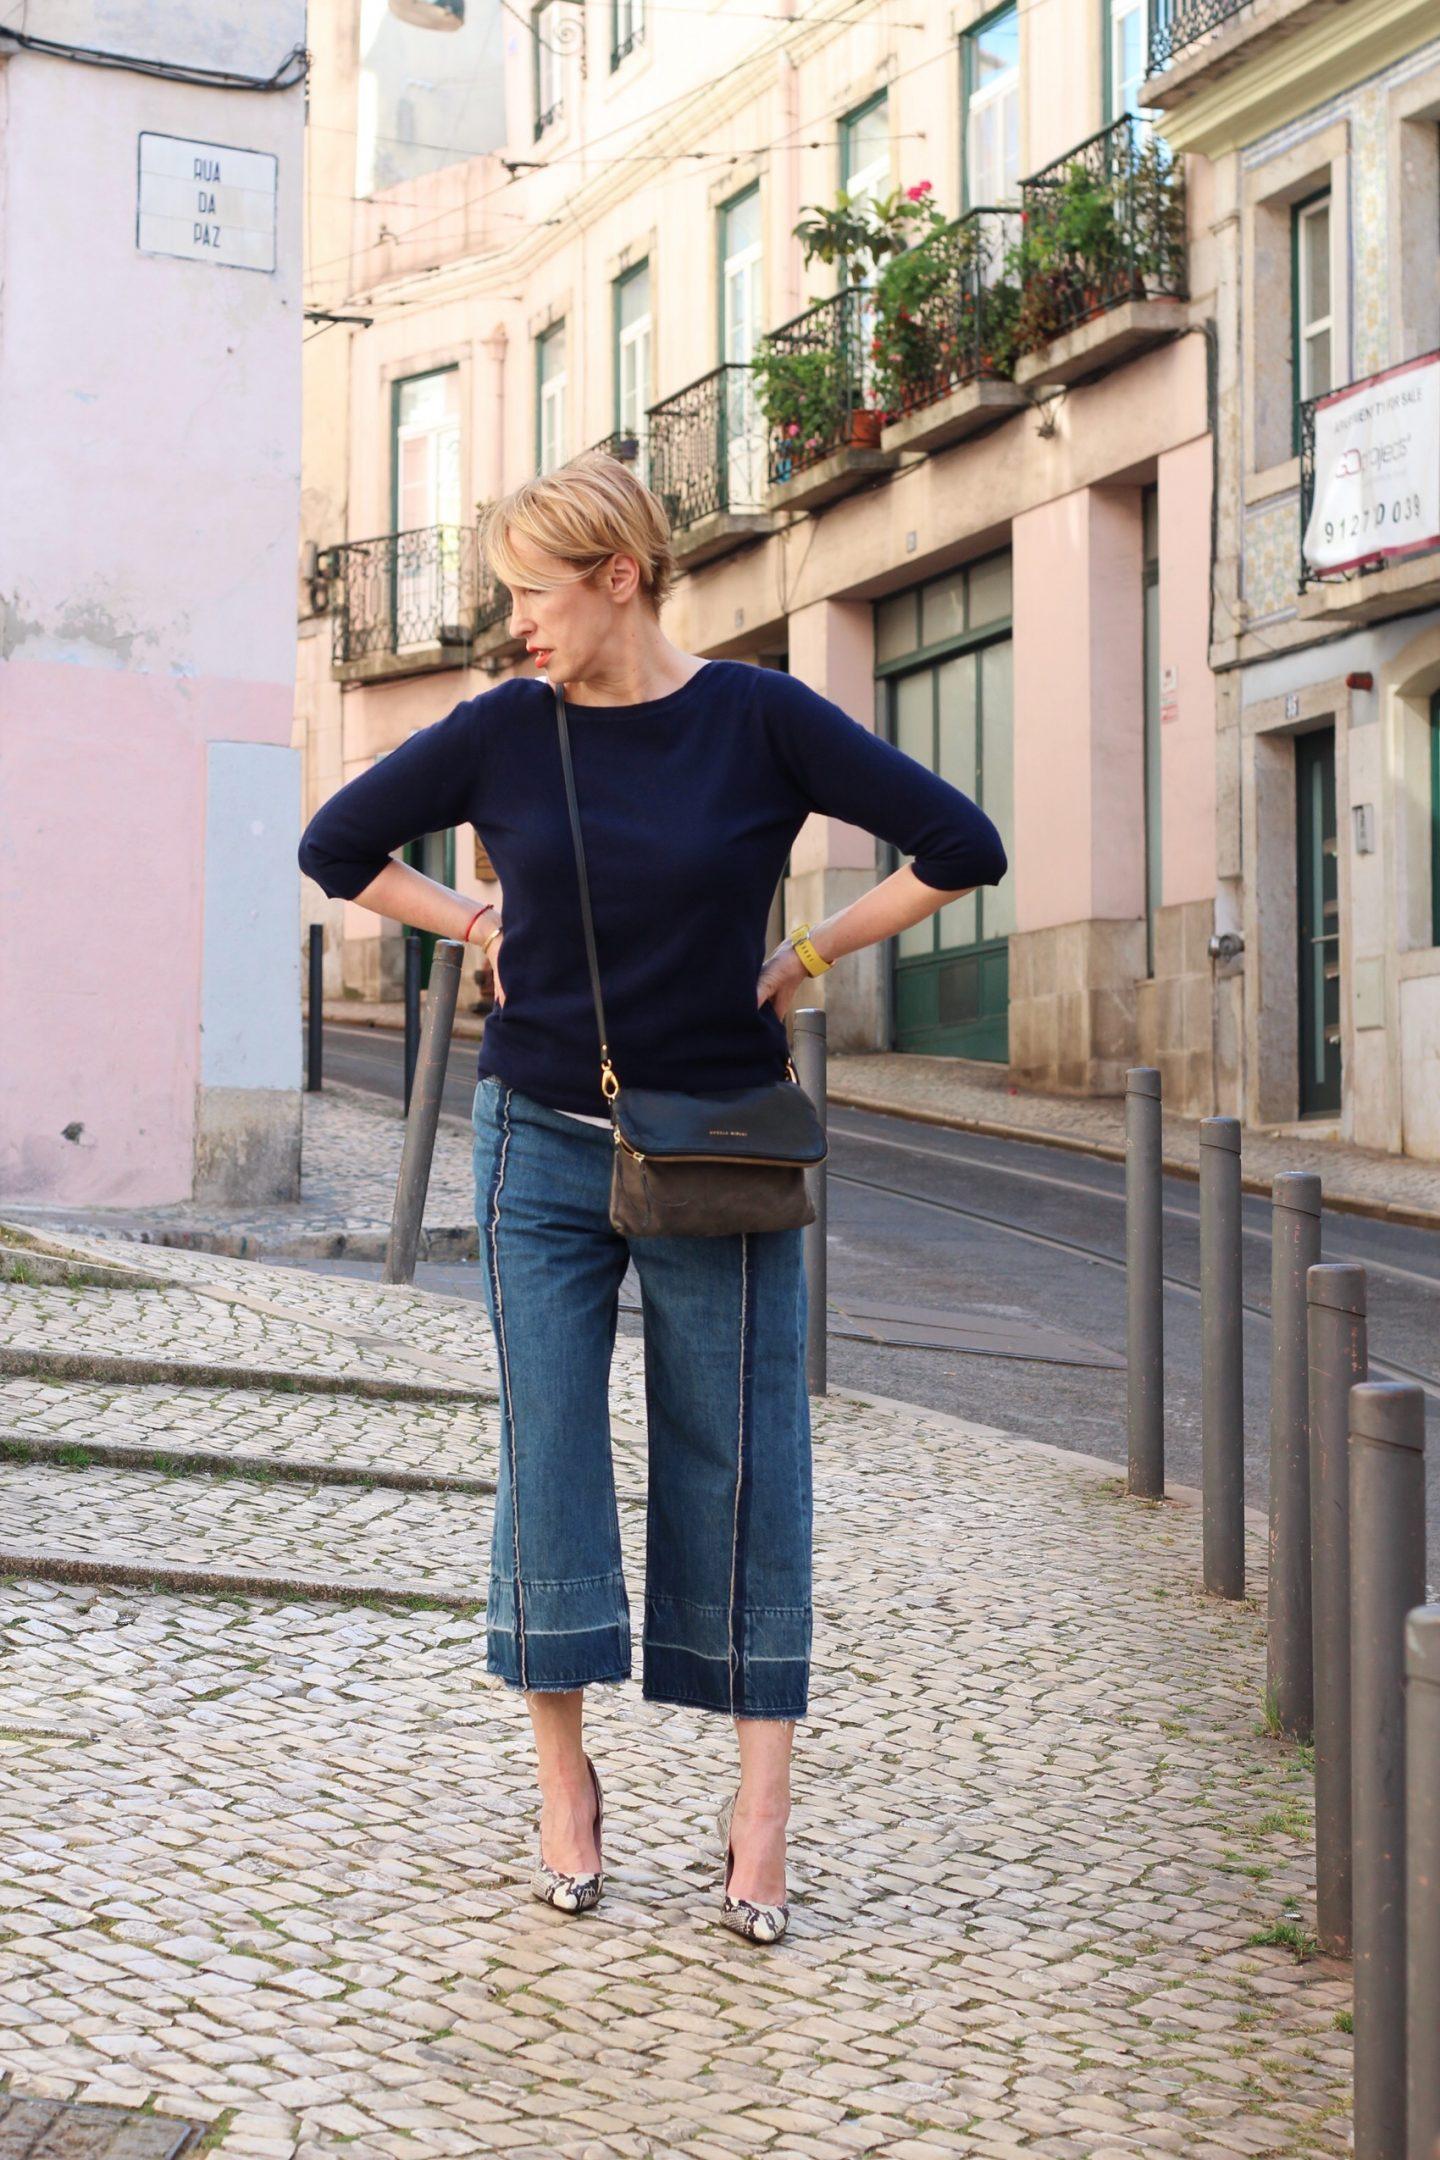 Culotte Jeans - Hosenrock richtig kombinieren. Outfitideen für Frauen Ü40 Ü50 - Jeans Culotte mit X-Figur richtig tragen.